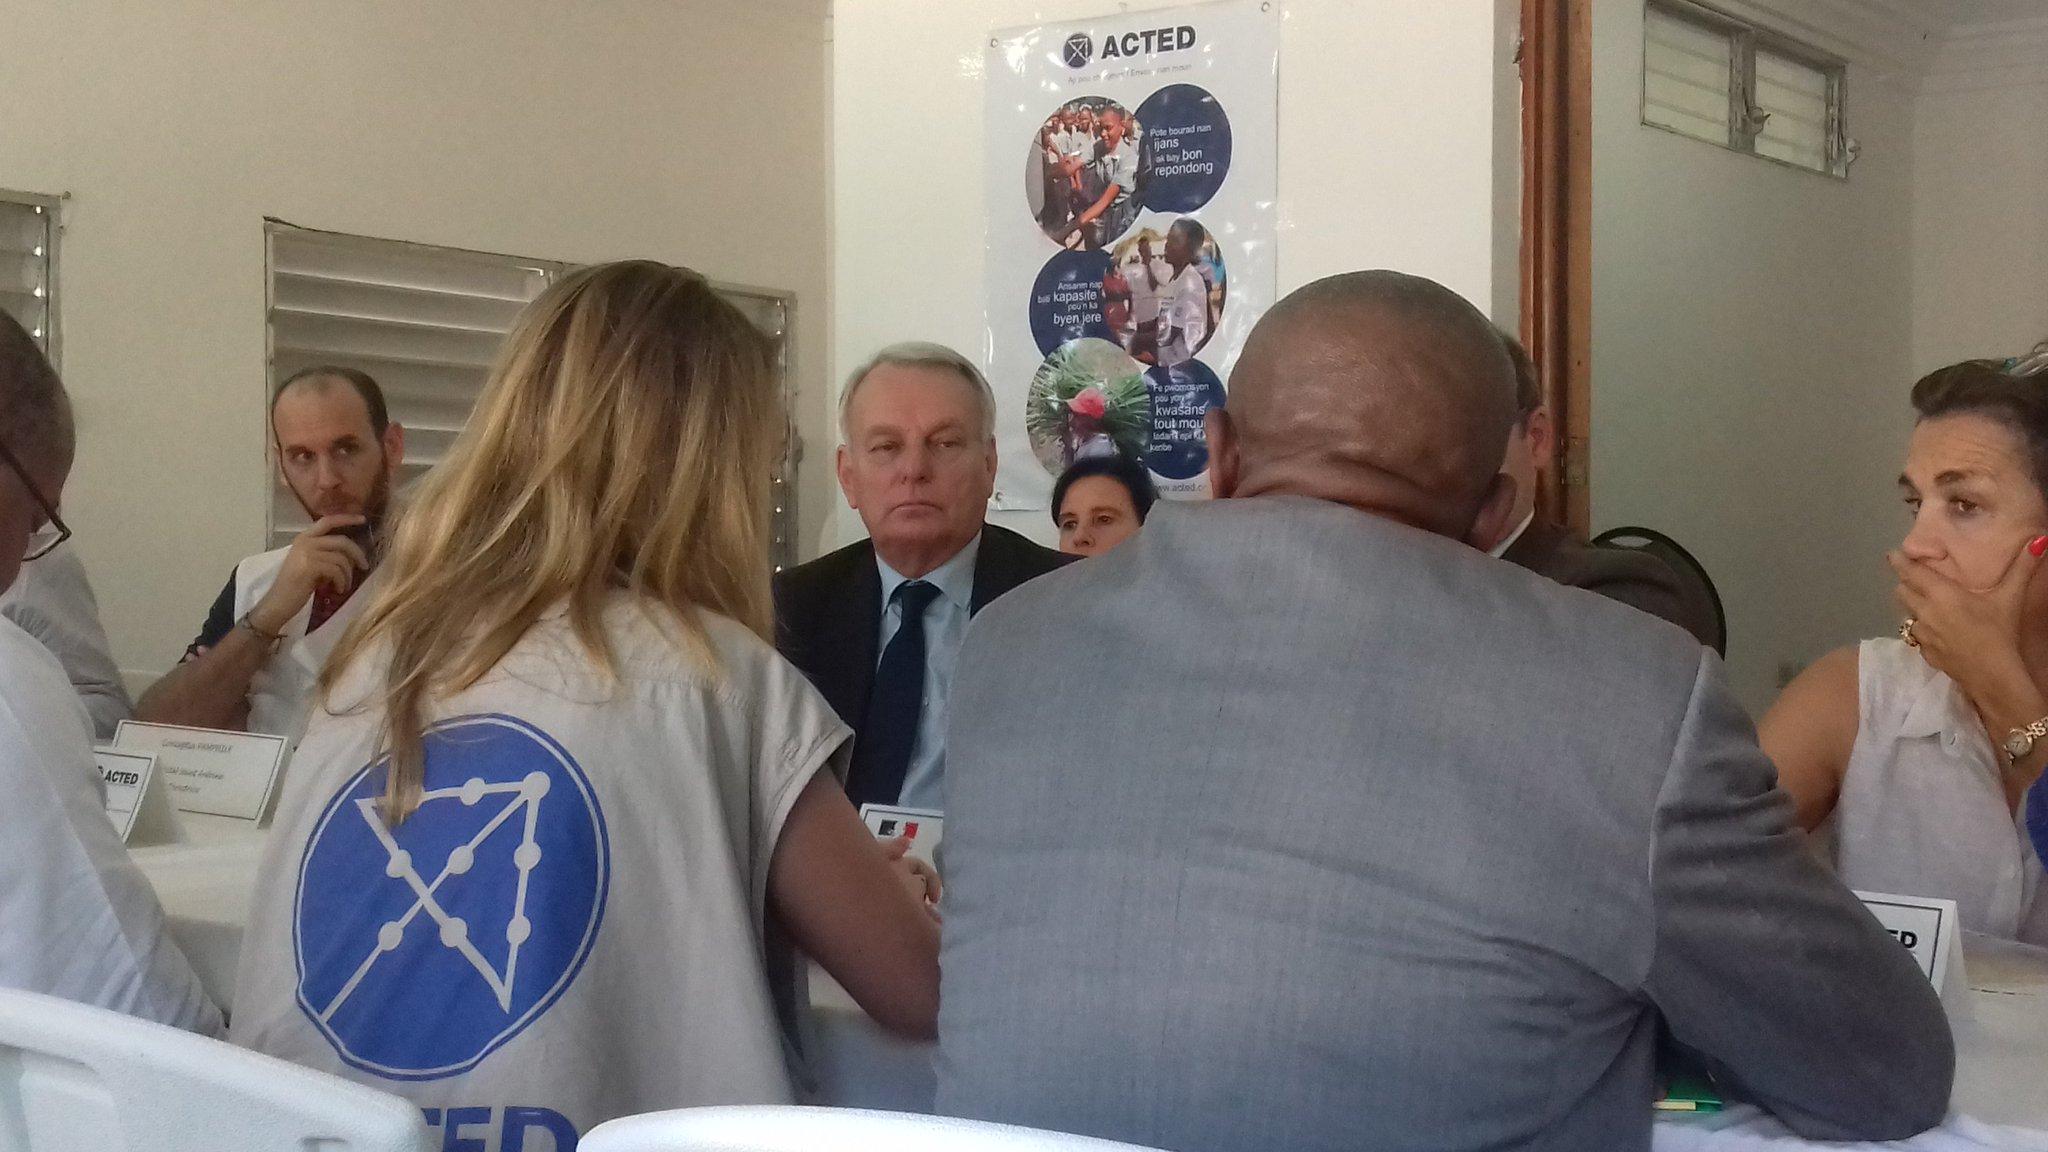 Jean-Marc Ayrault à Jérémie #Haïti avec ACTED pour parler de la réponse humanitaire d'urgence à #OuraganMatthew https://t.co/uuz0bzVuOc